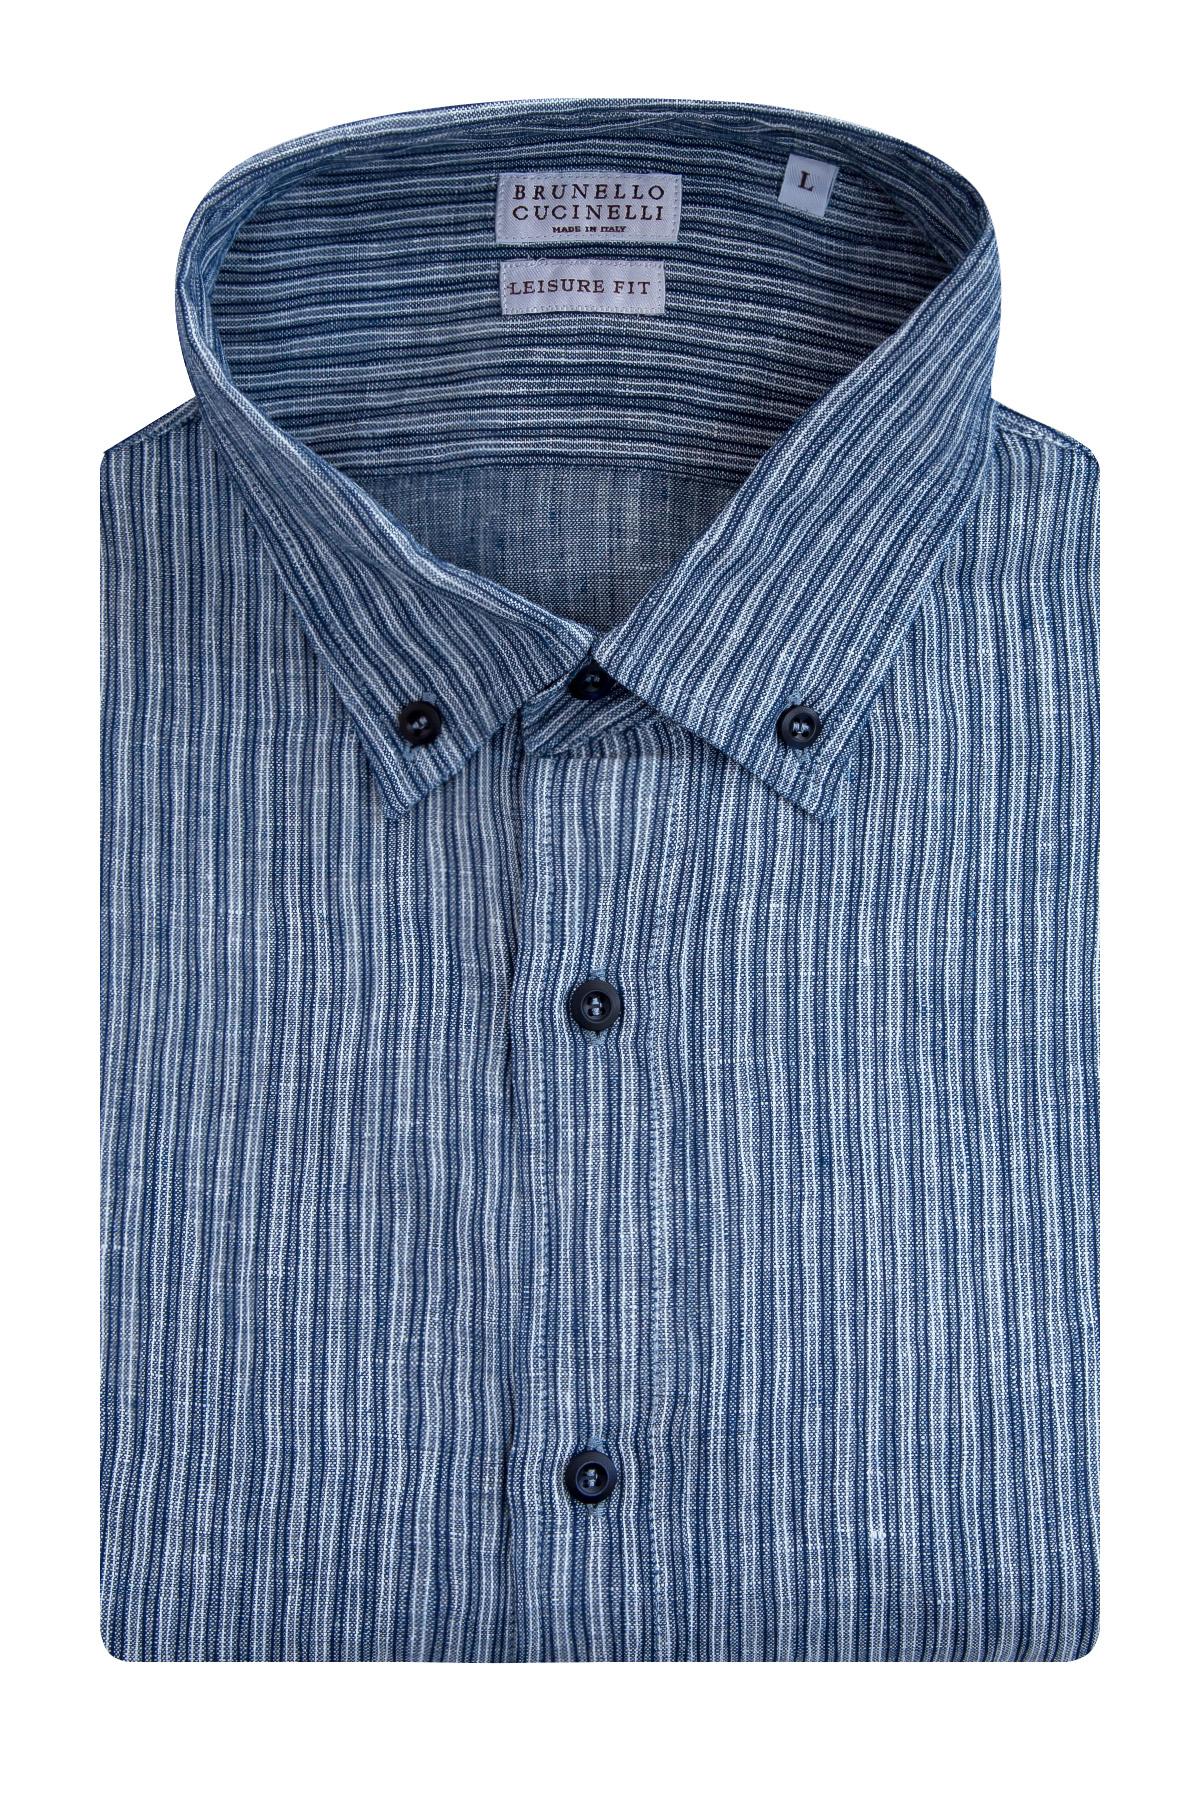 Рубашка, BRUNELLO CUCINELLI, Италия, лен 100%  - купить со скидкой